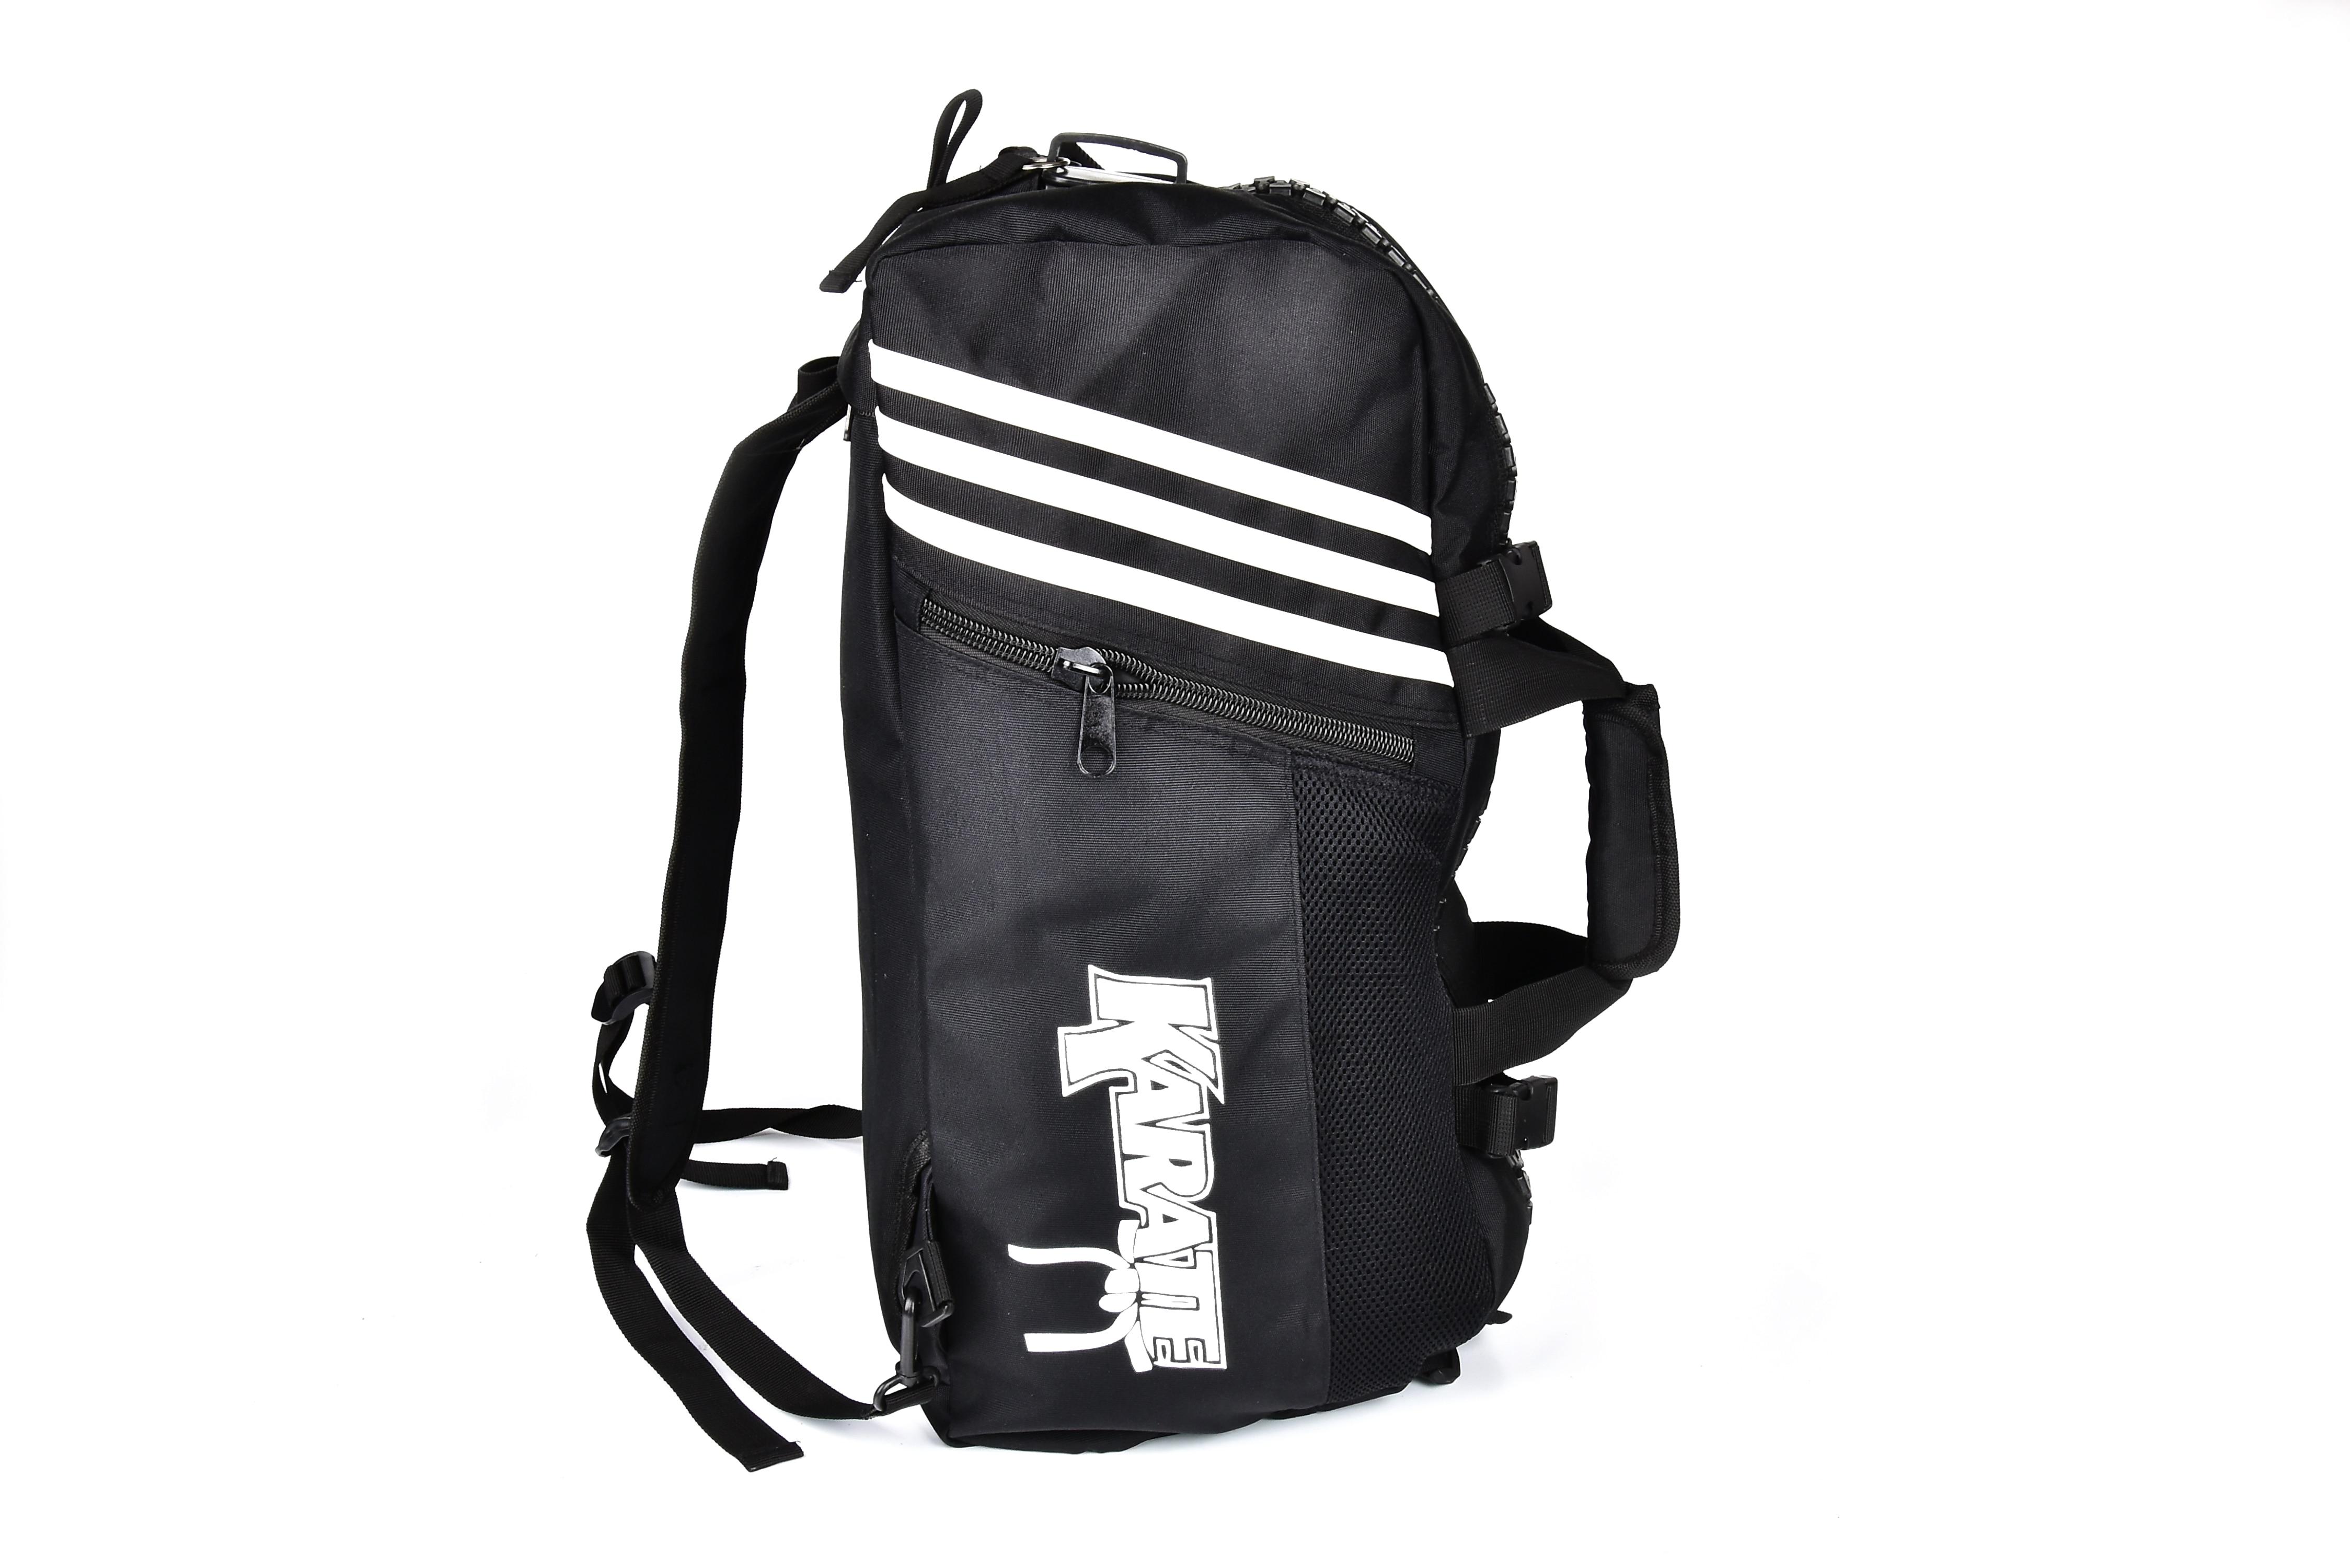 Karate special backpack karate protective gear bag One two shoulders karate bag to pack karate uniforms legs chest protector mateusz zarzecki ocena własna sprawności fizycznej członków kadry narodowej karate